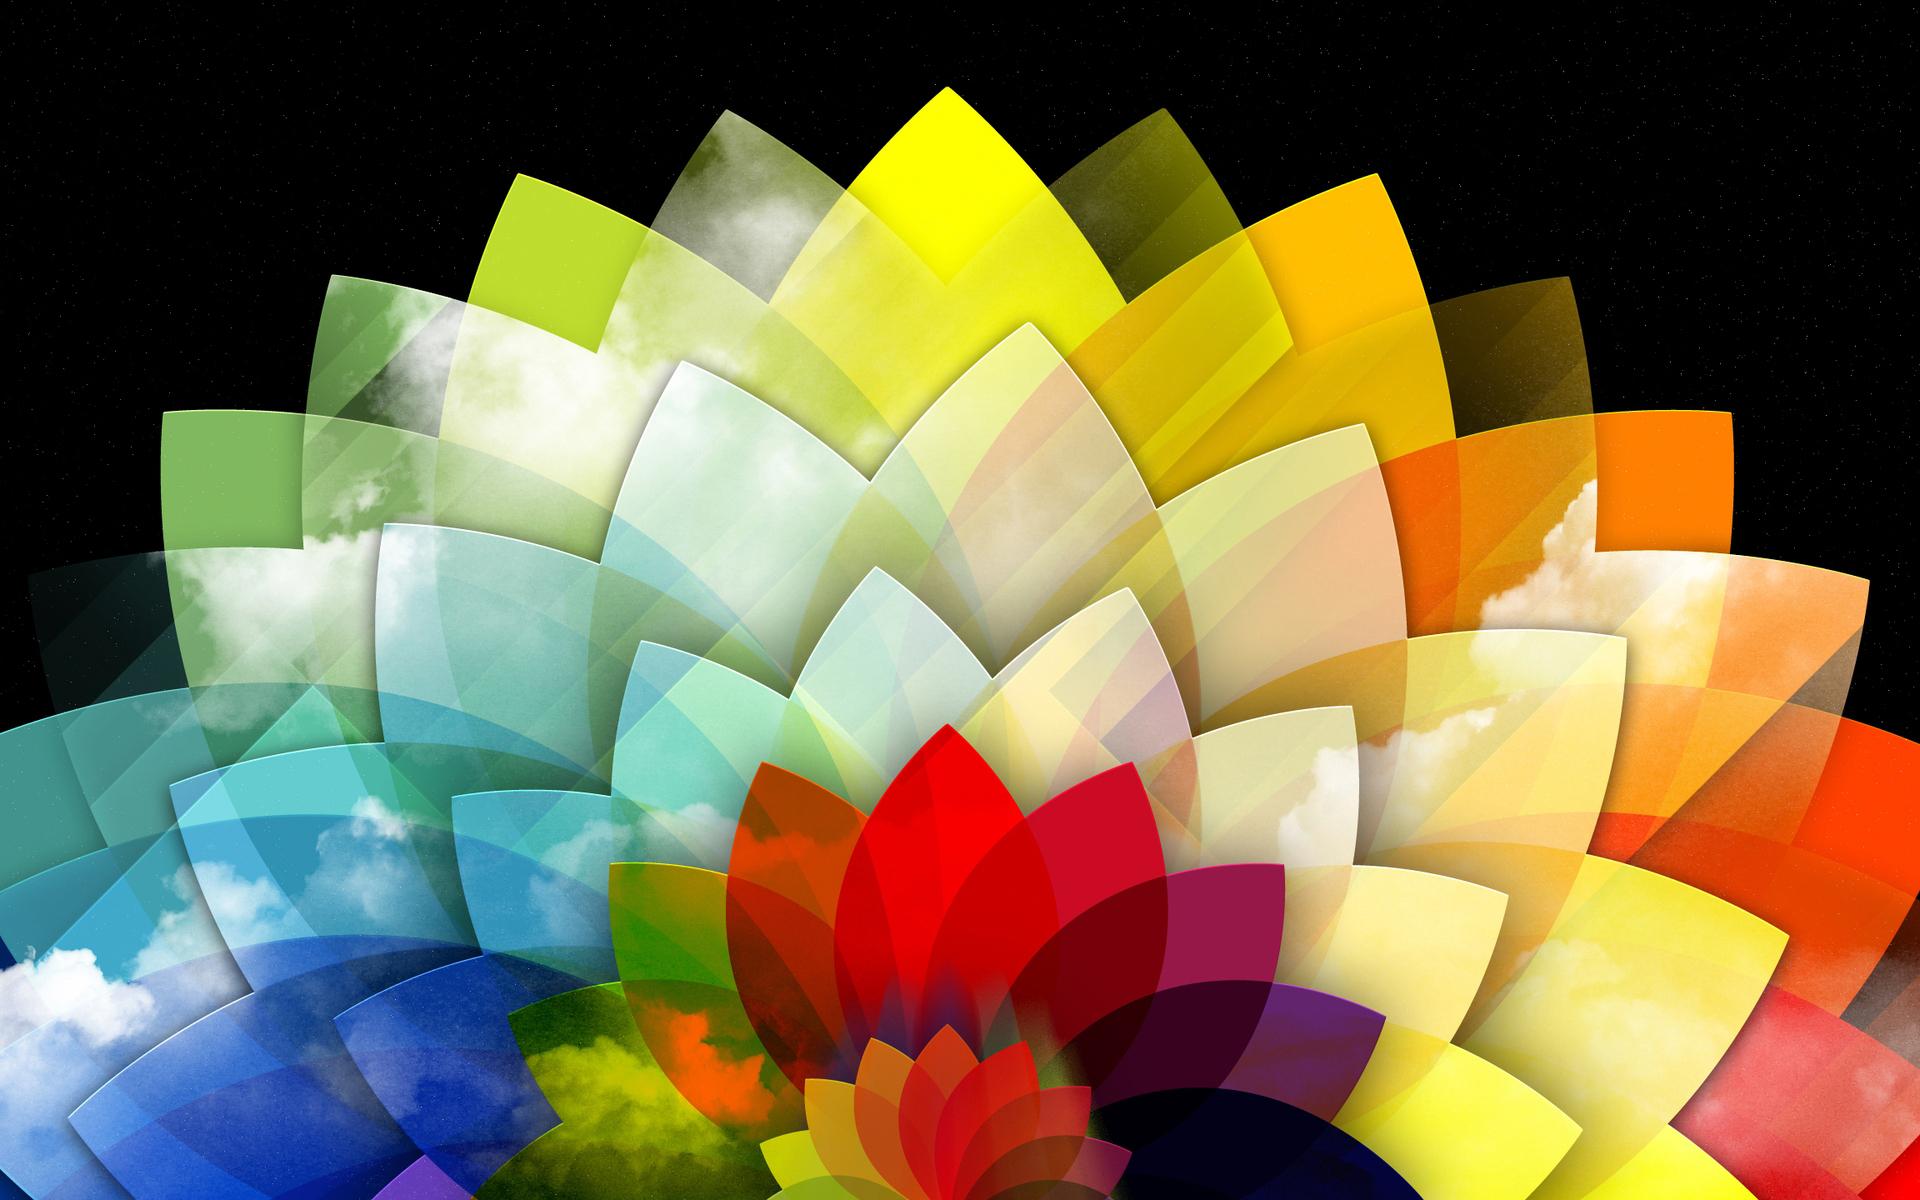 عکس انتزاعی گلبرگ گل رنگی colorful flower abstract